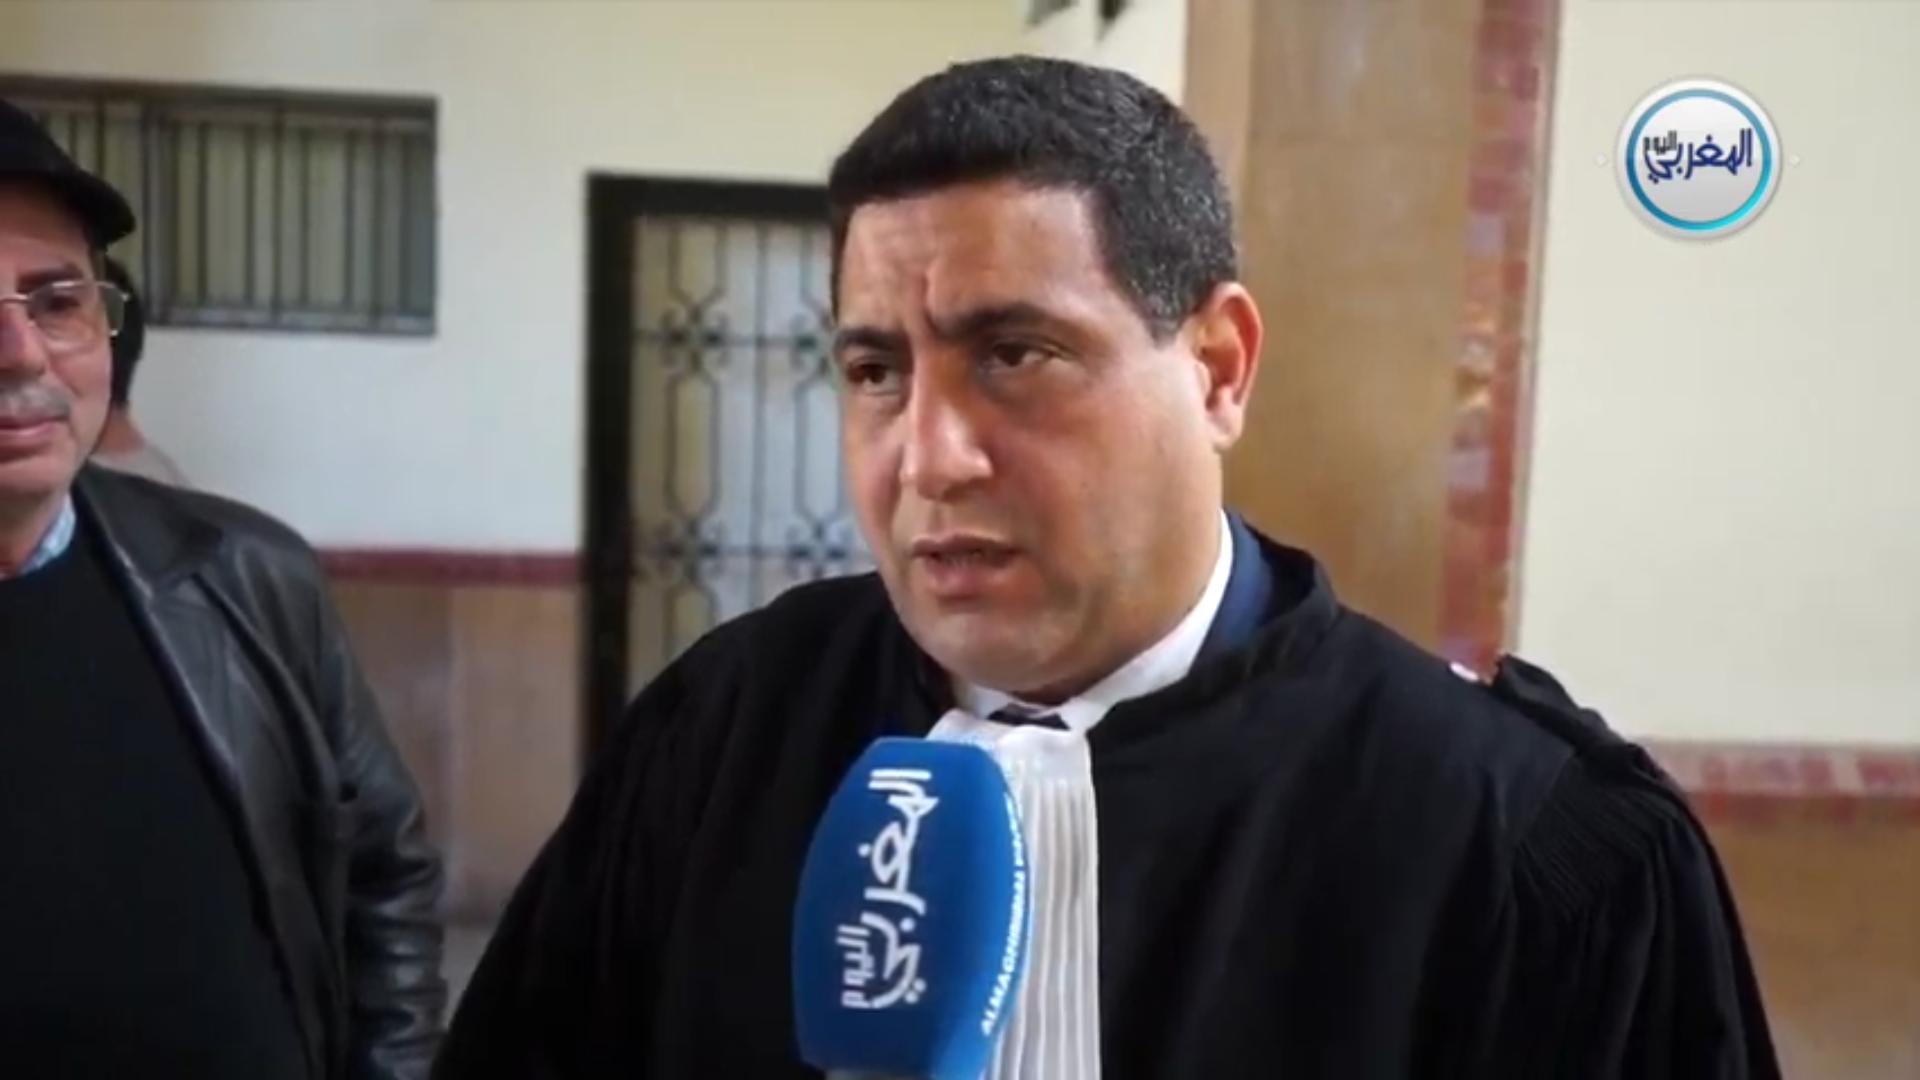 بالفيديو… المحامي الهيني يحكي عن ما قام به المحامي زيان داخل جلسة محاكمة بوعشرين